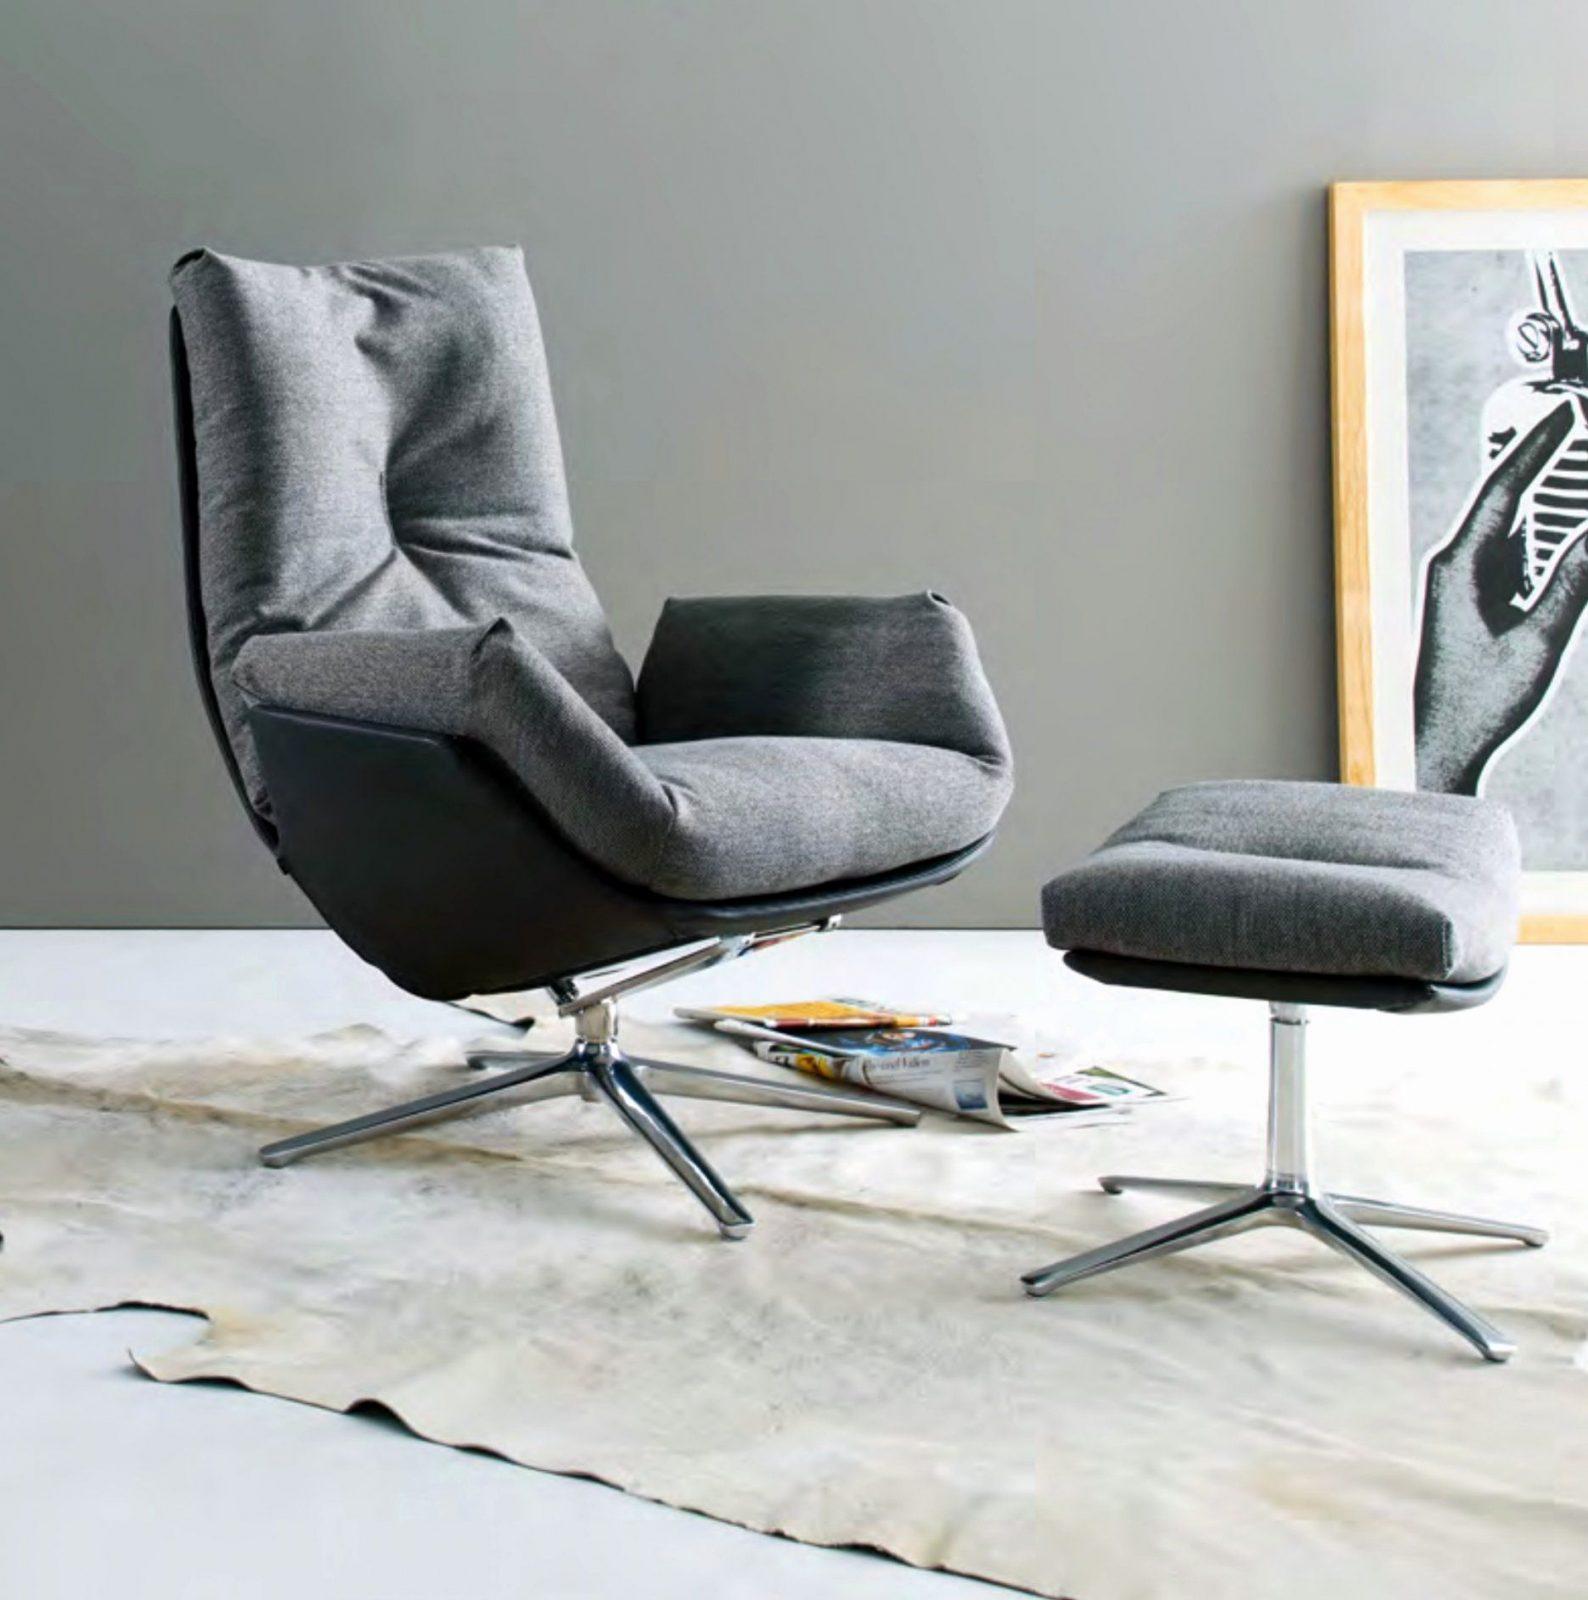 Möbel Und Deko Auf Raten Sofa Ratenzahlung Haus Renovieren